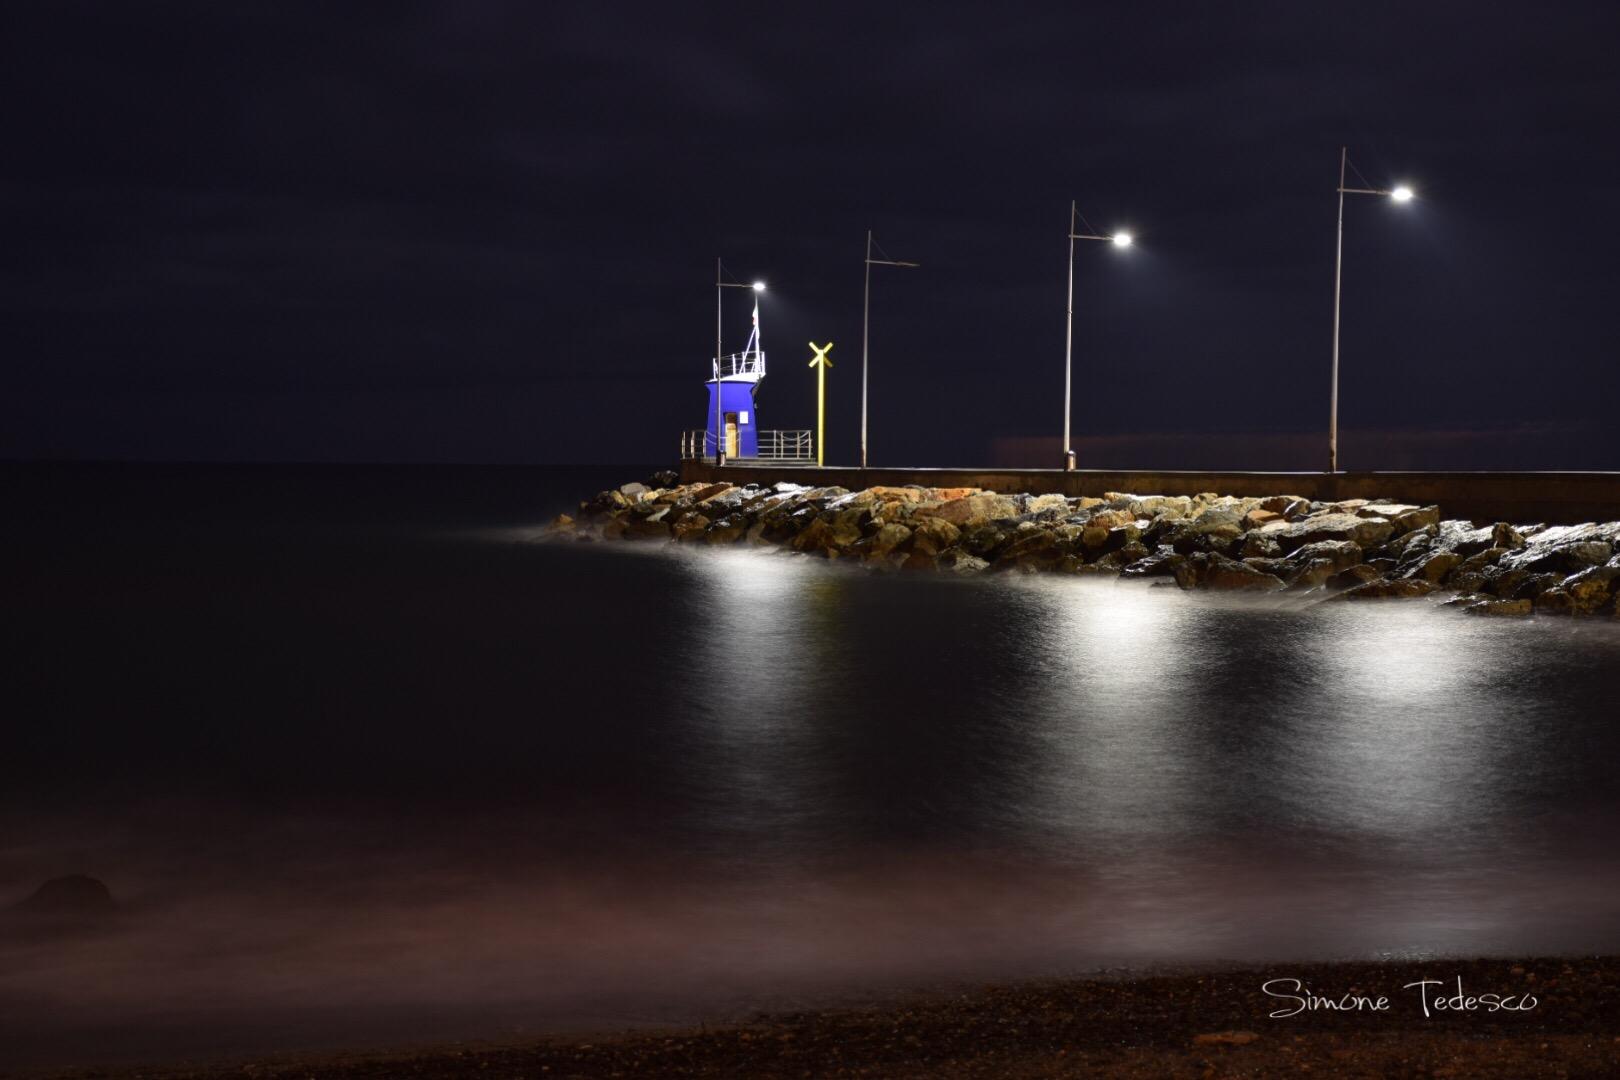 Pier at night ...